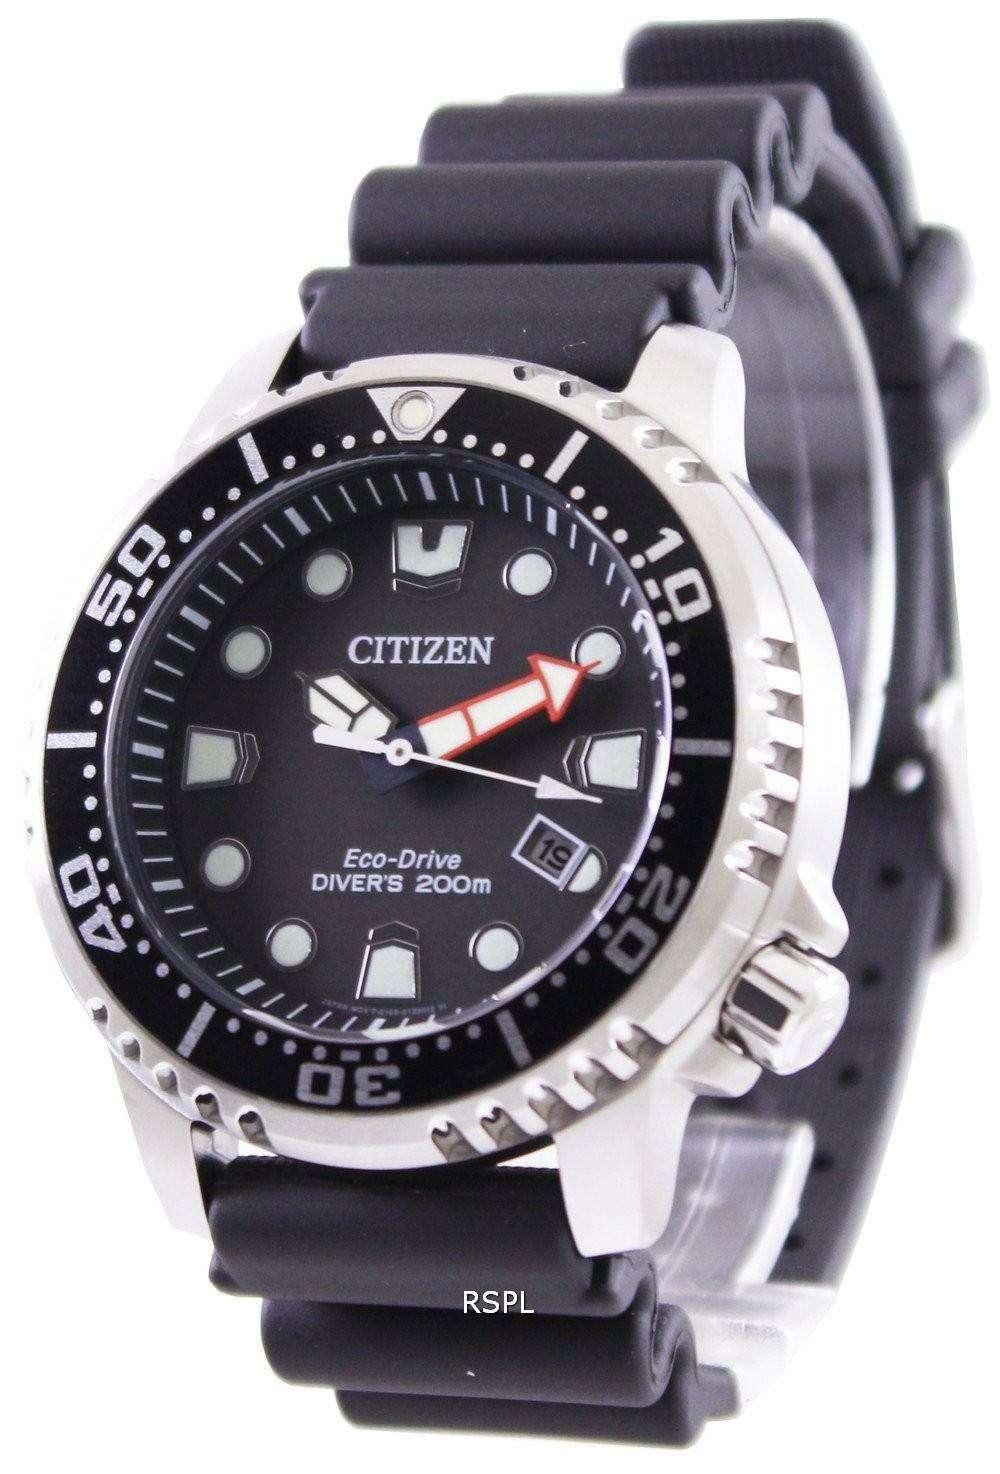 Citizen eco drive promaster marine diver 39 s 200m bn0150 10e mens watch - Citizen promaster dive watch ...